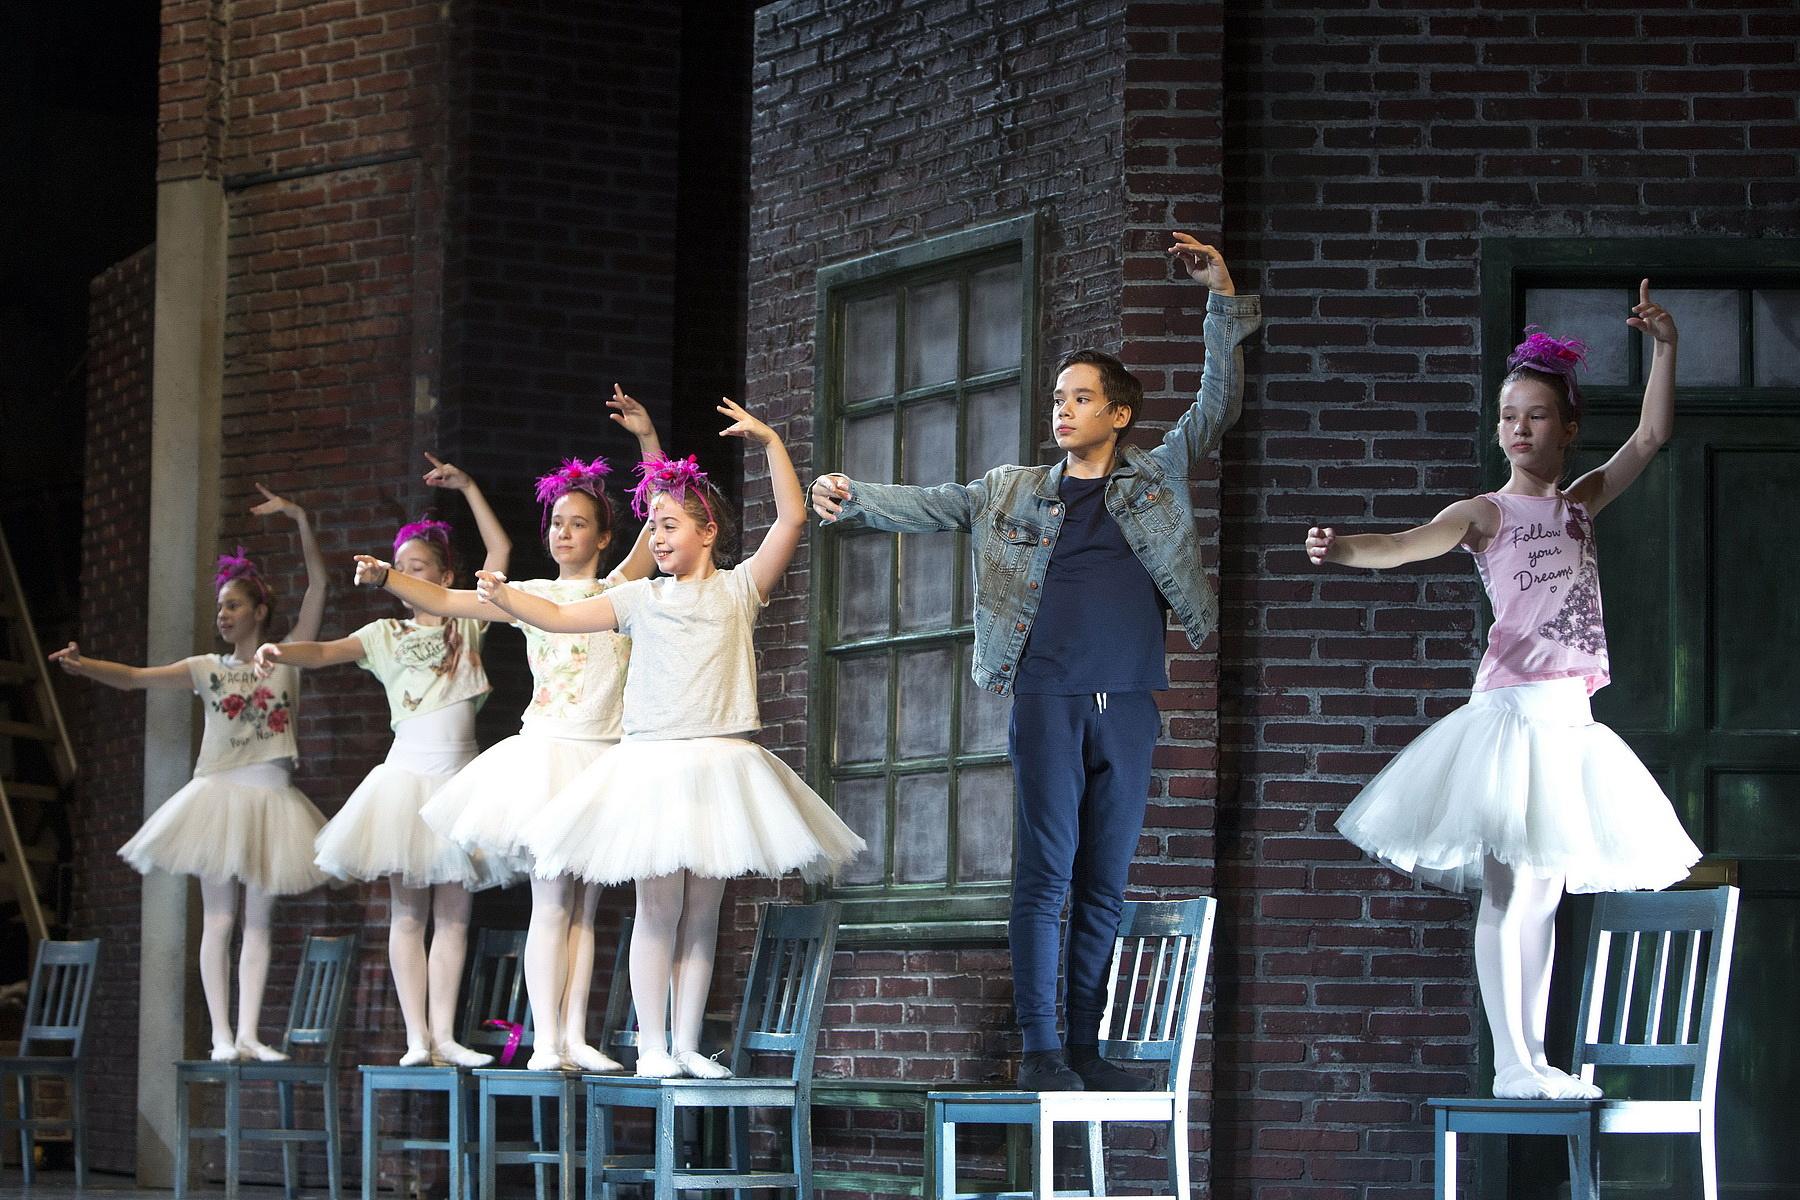 Balett felállítása. Rekordok a balett világából - mamarazzafoto.hu